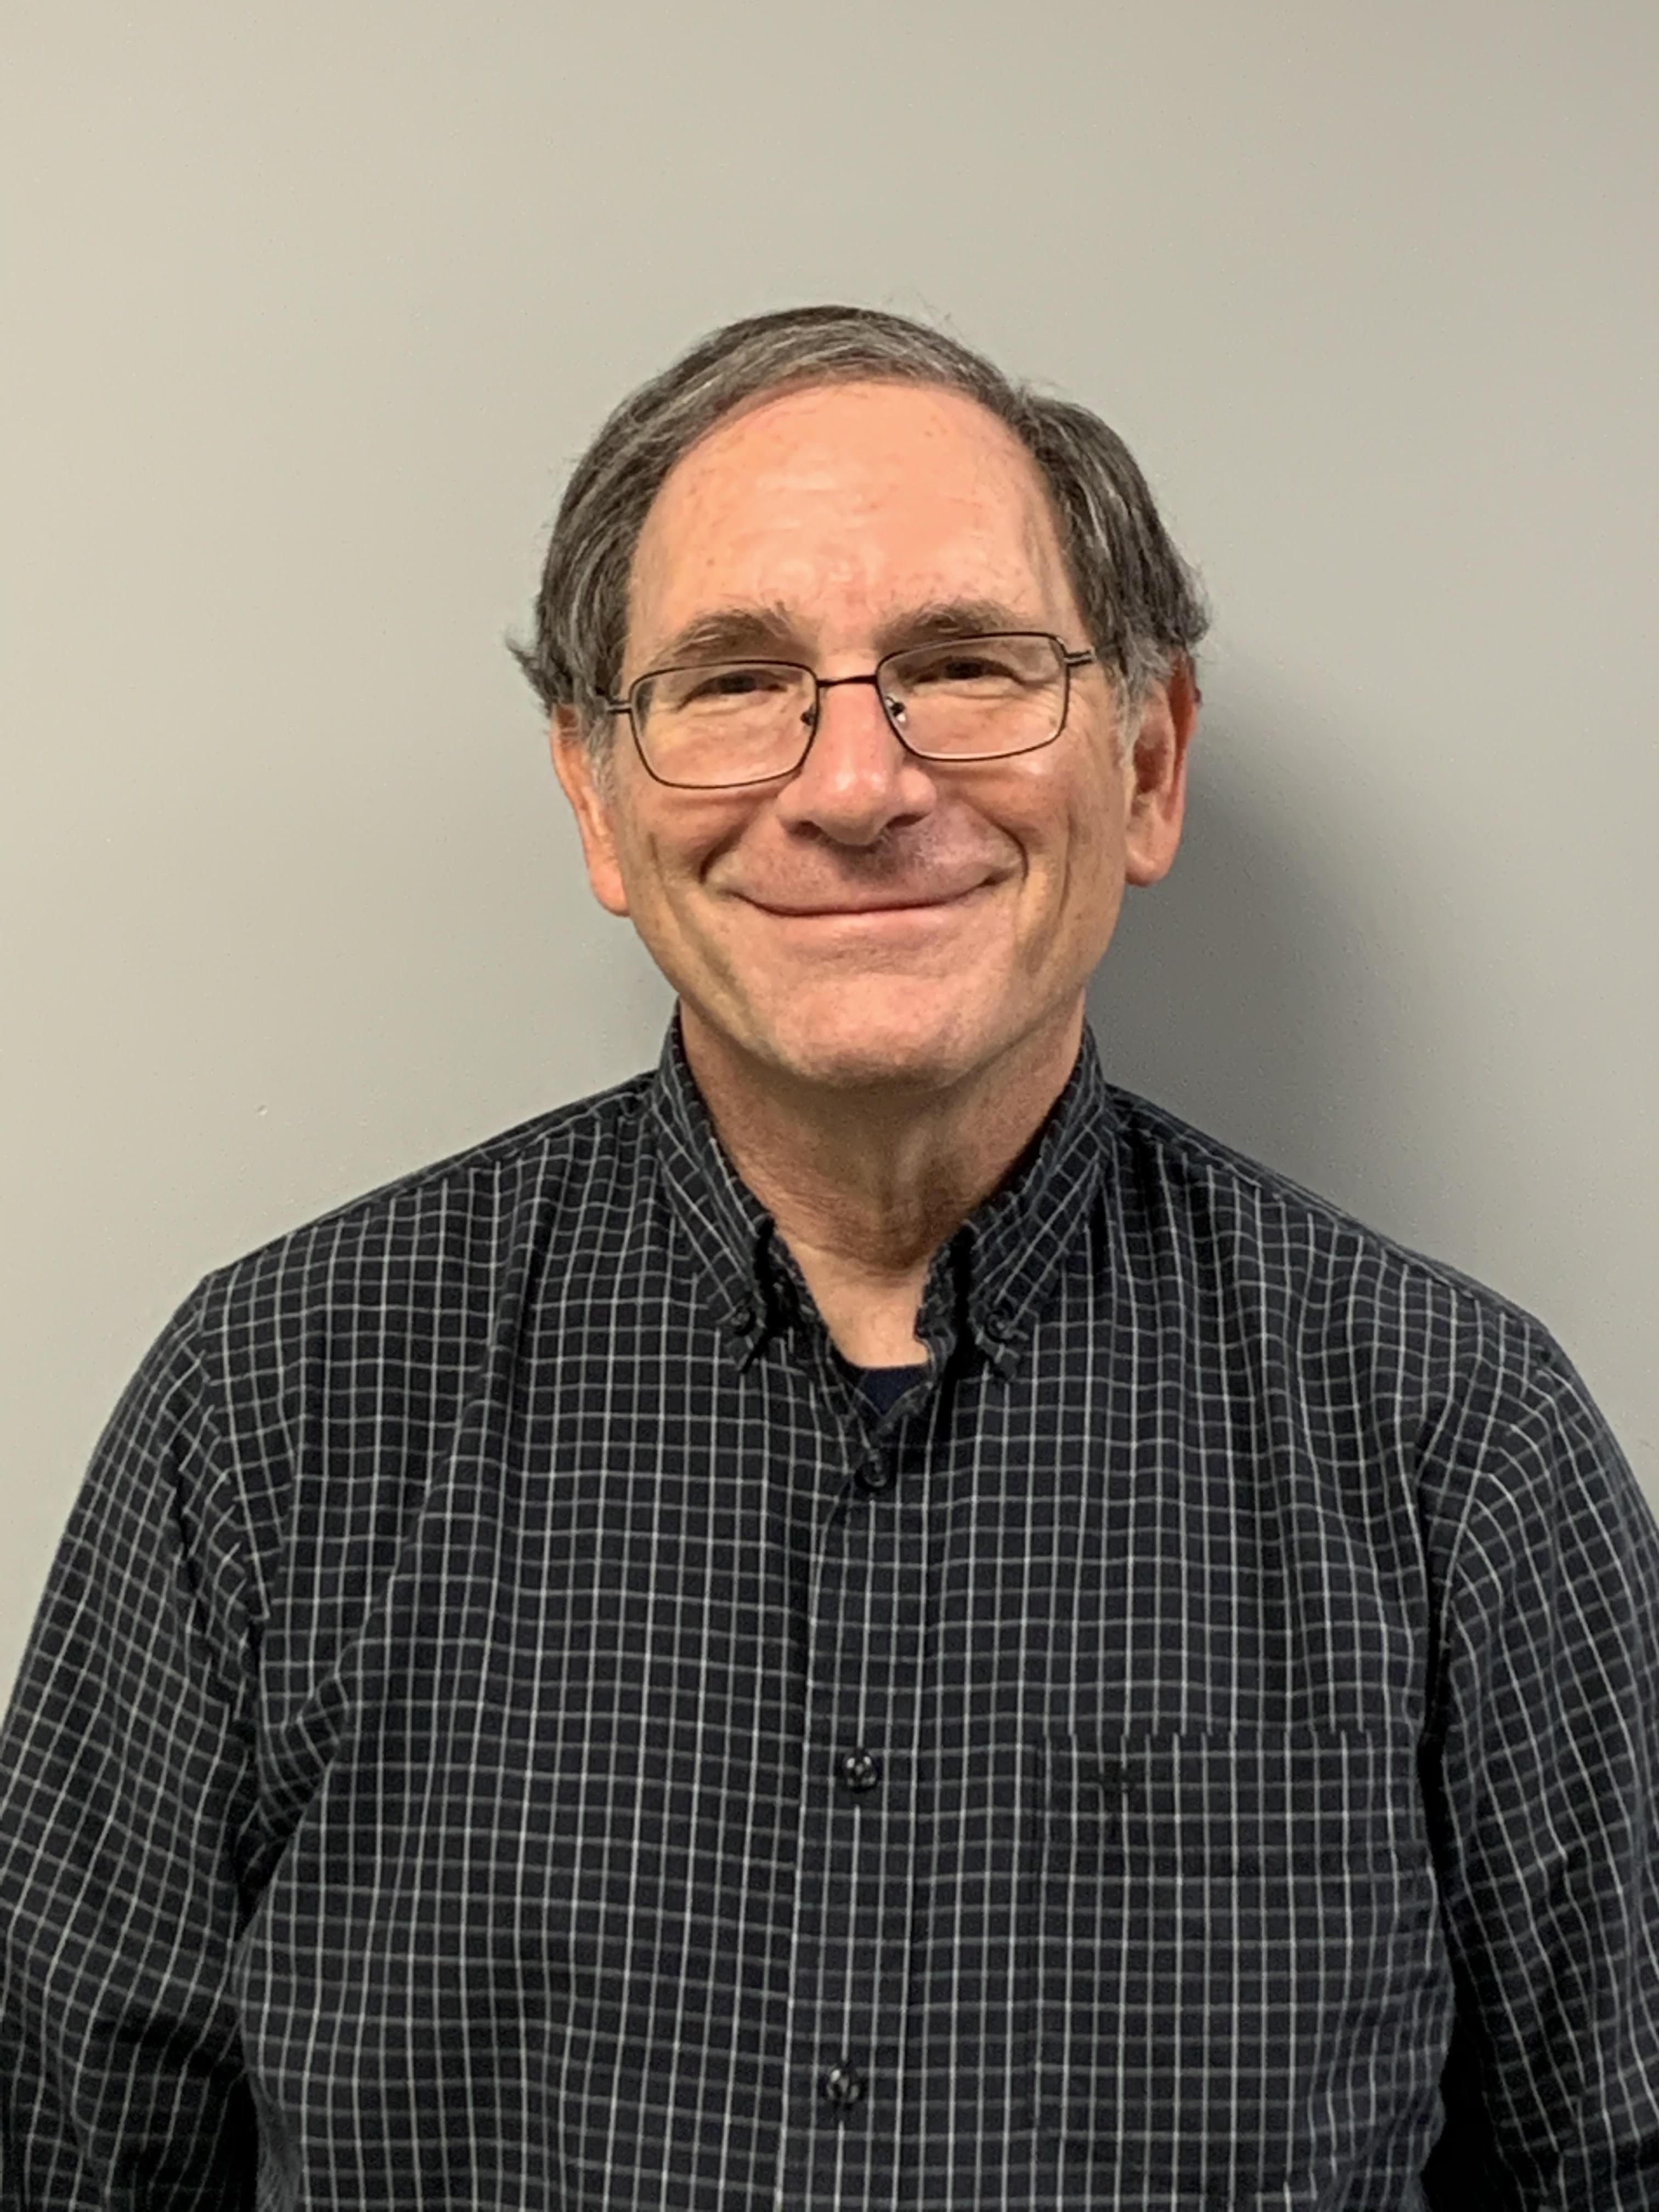 Marc Kappelman, MD